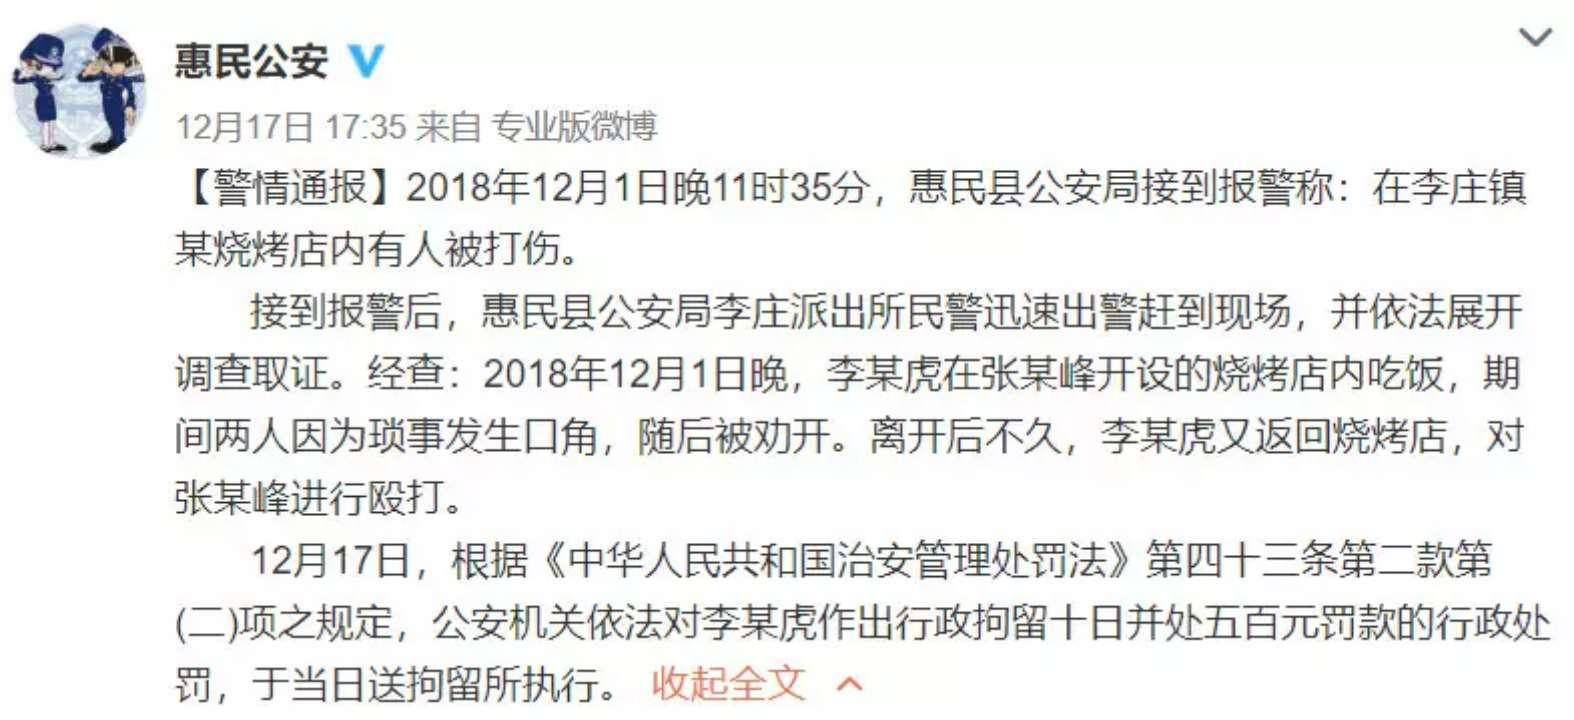 滨州惠民一男子吃霸王餐、殴打烧烤店老板被行拘